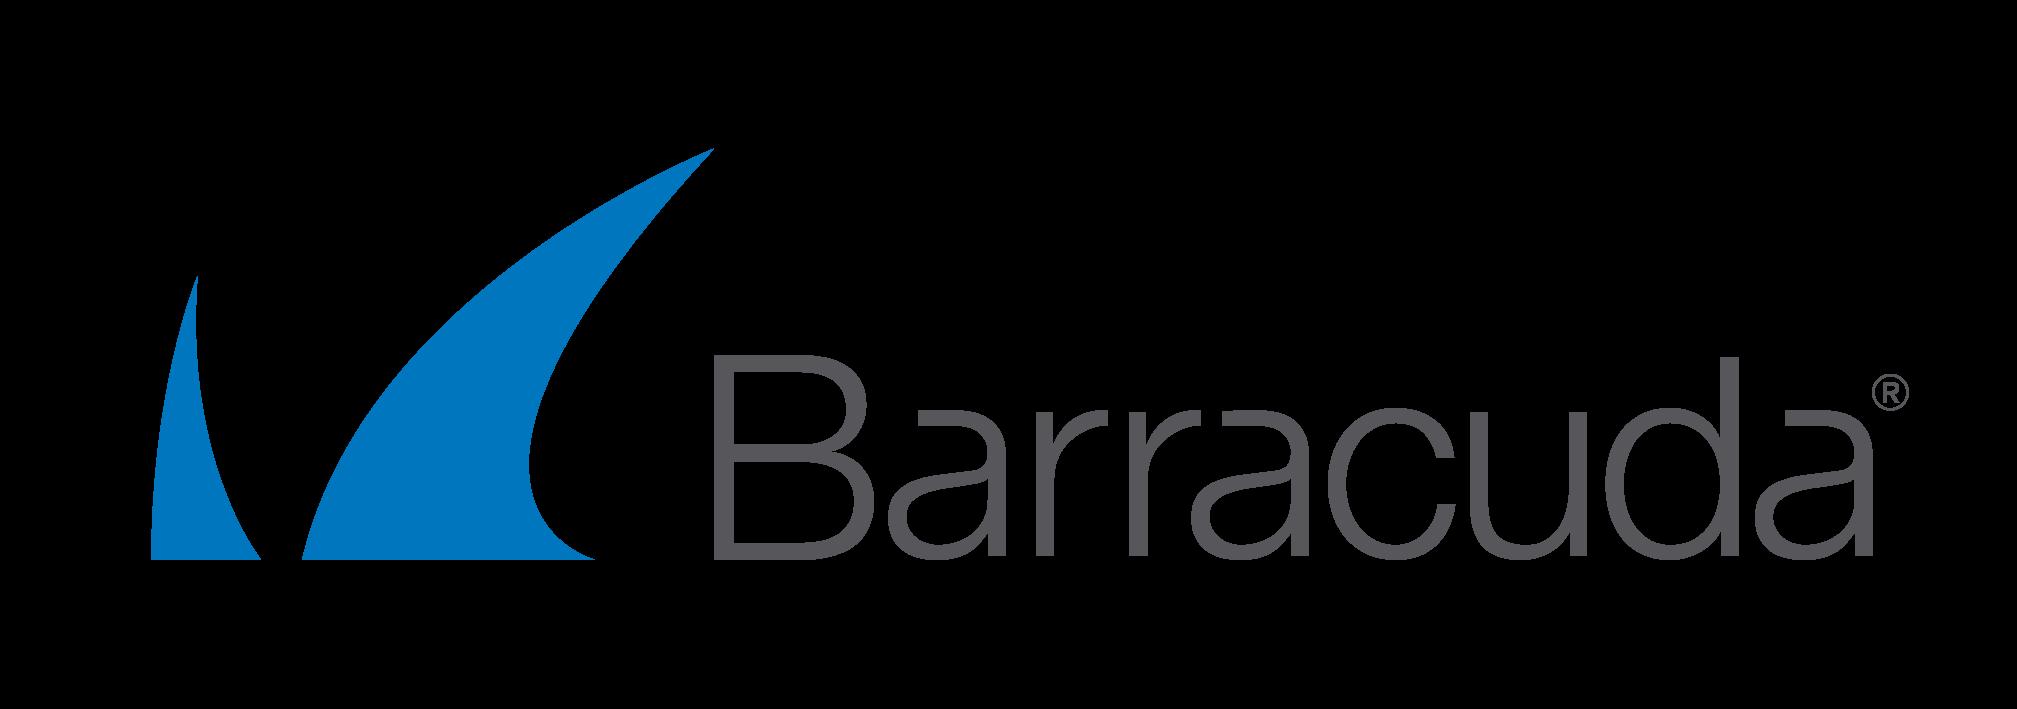 Barracuda Archiving logo